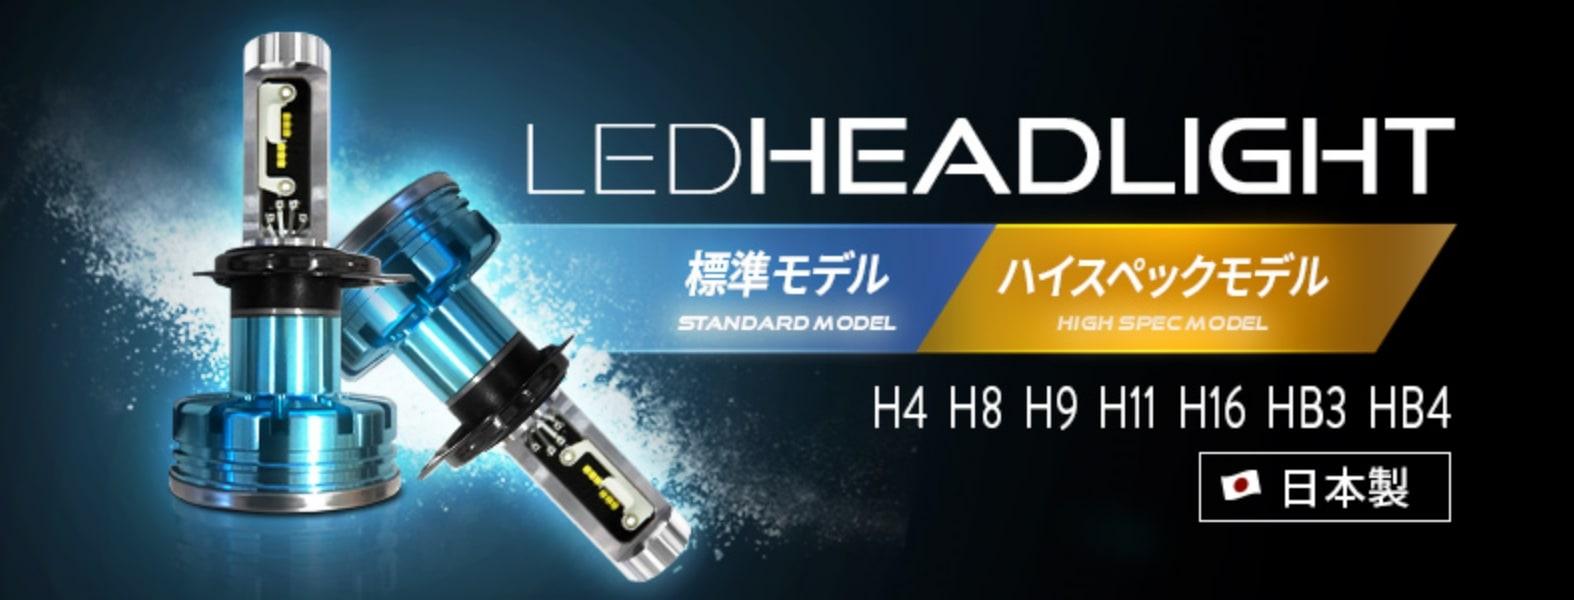 LEDヘッドライト(h4,h8,h9,h11,h16,hb3,hb4,hir2)